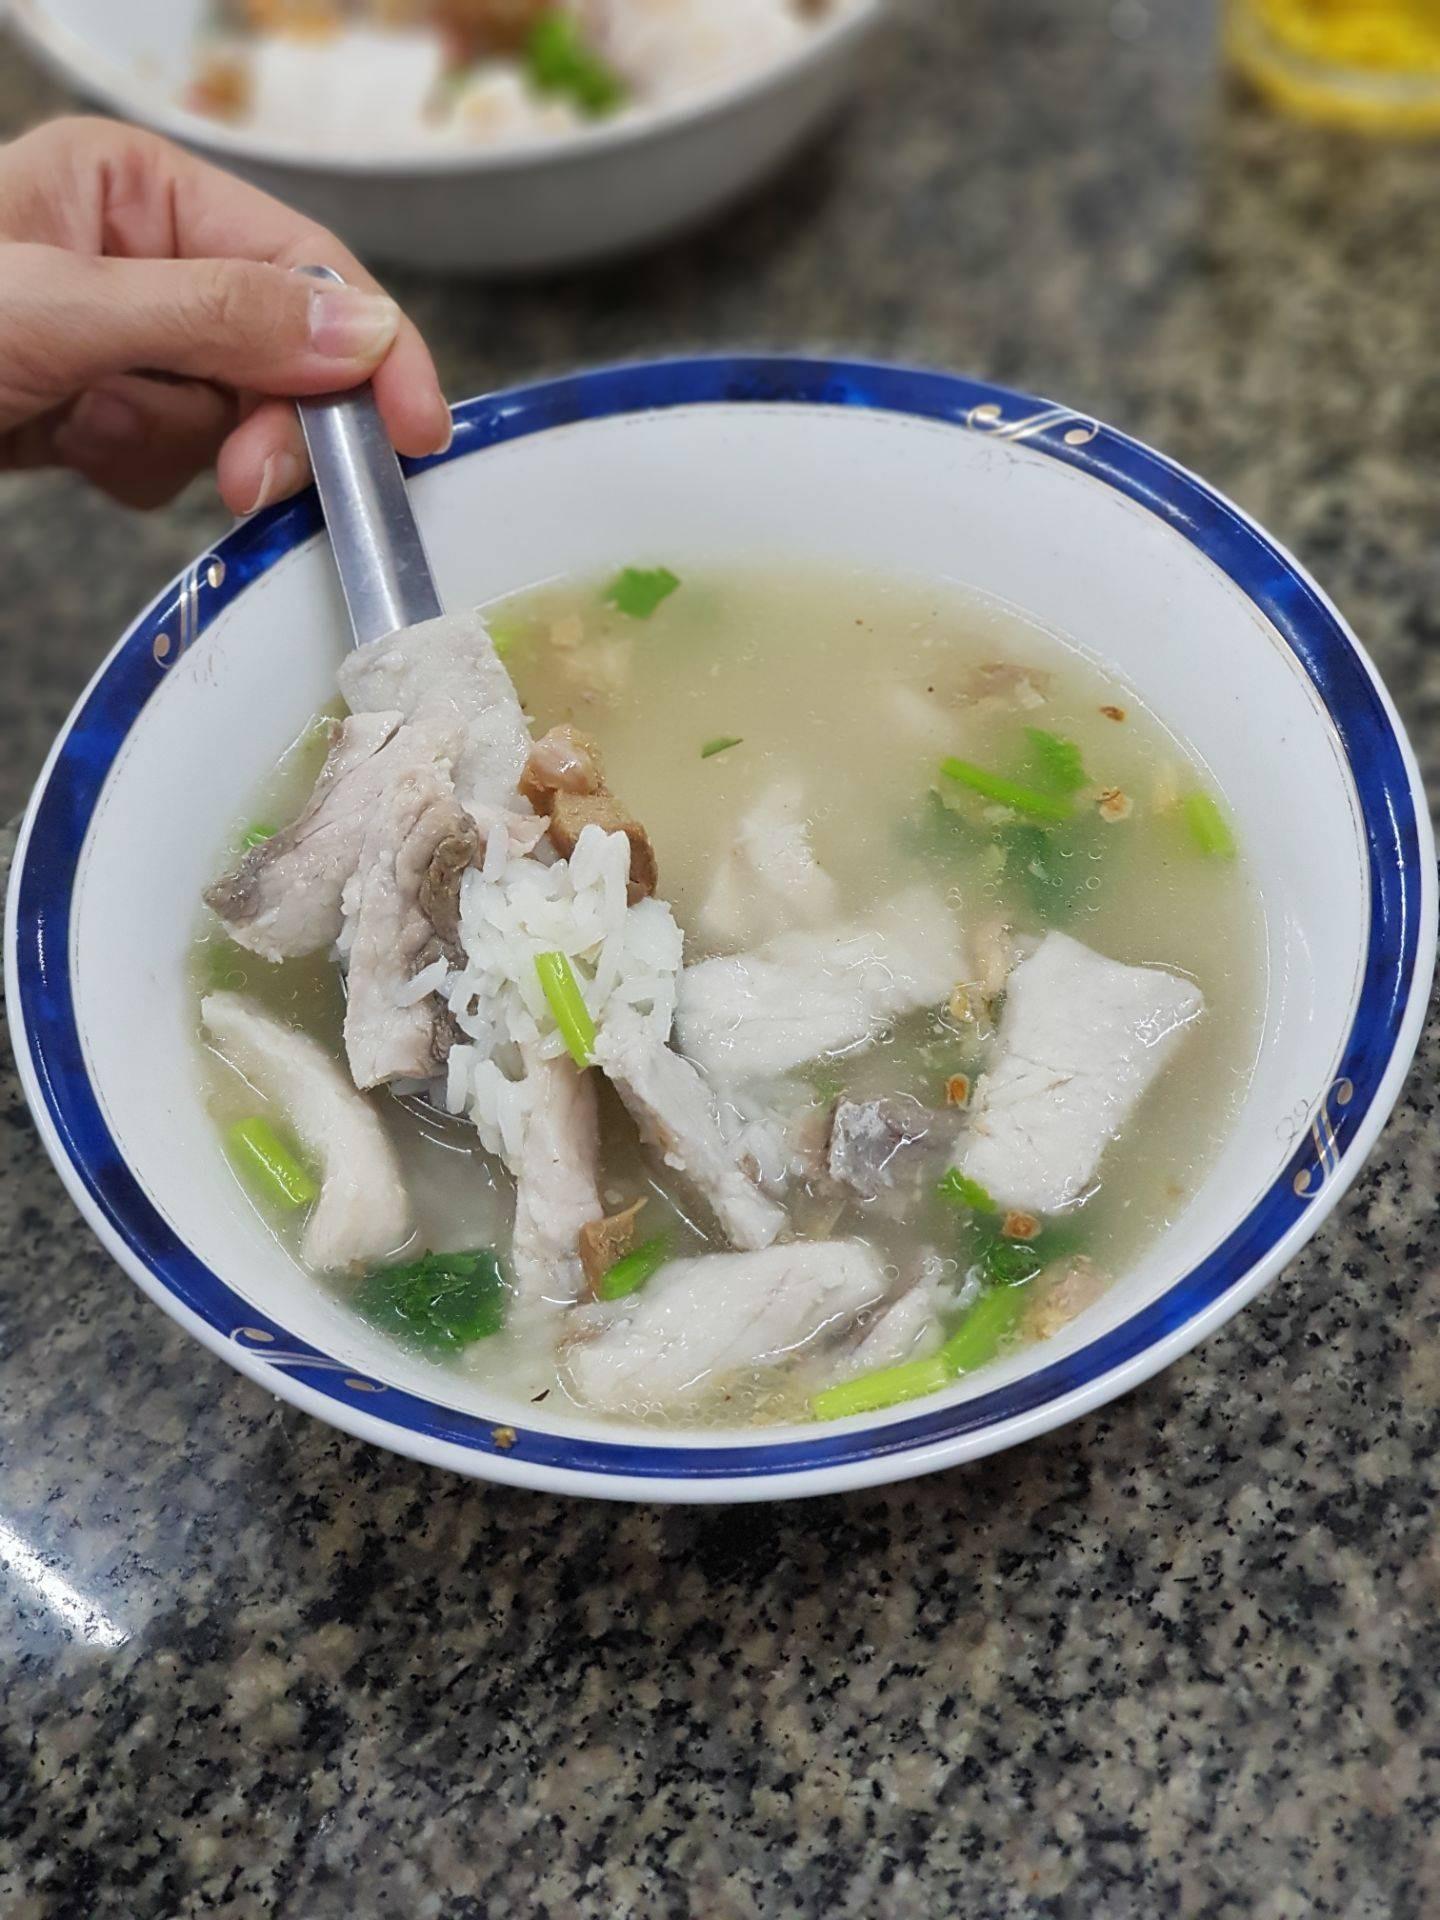 ข้าวต้มปลากิมโป้ (เฮียฮ้อ) เจริญกรุง - ถนนตก - หัวลำโพง